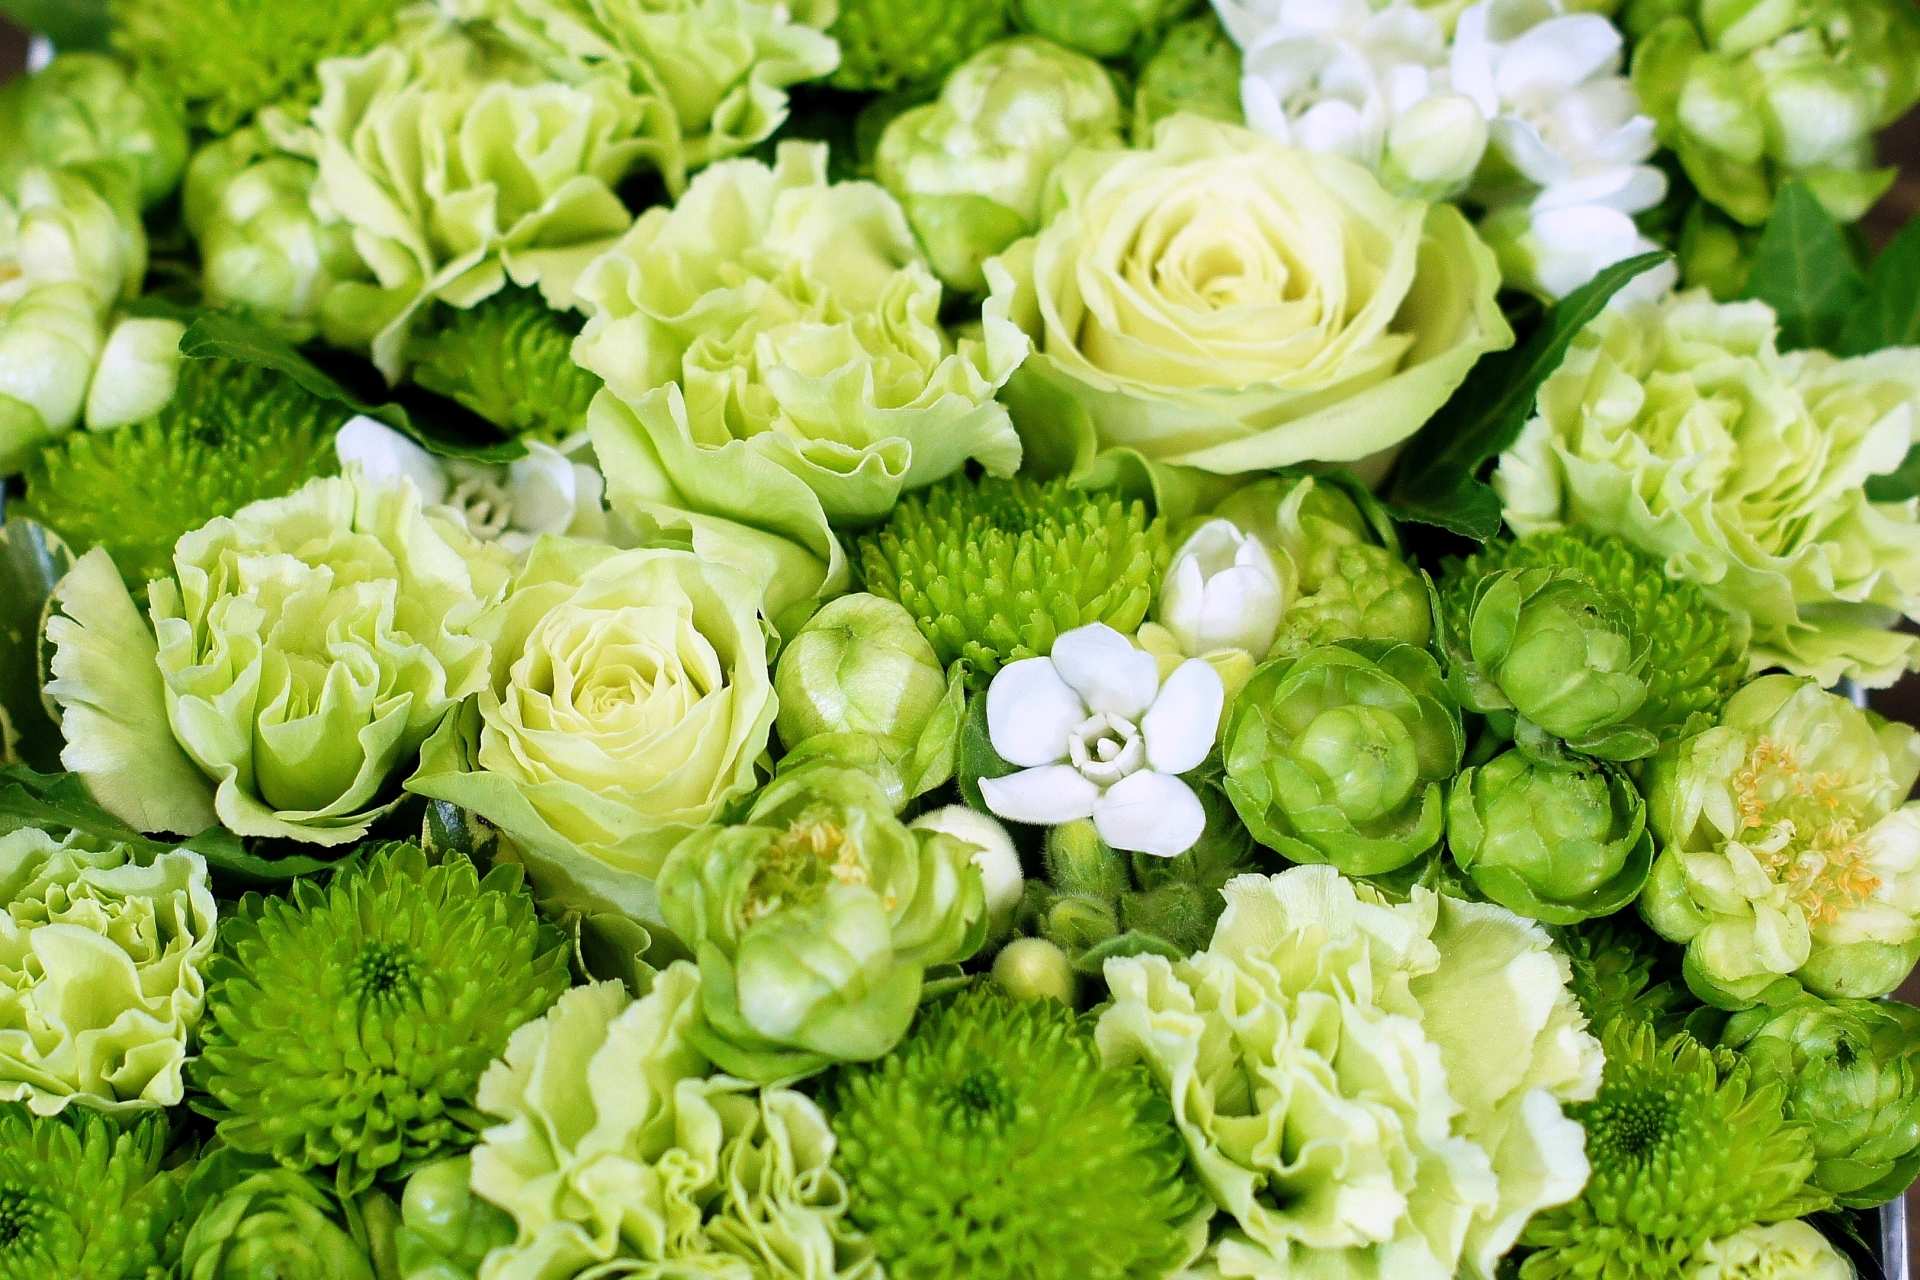 グリーン系のお花のアレンジメント